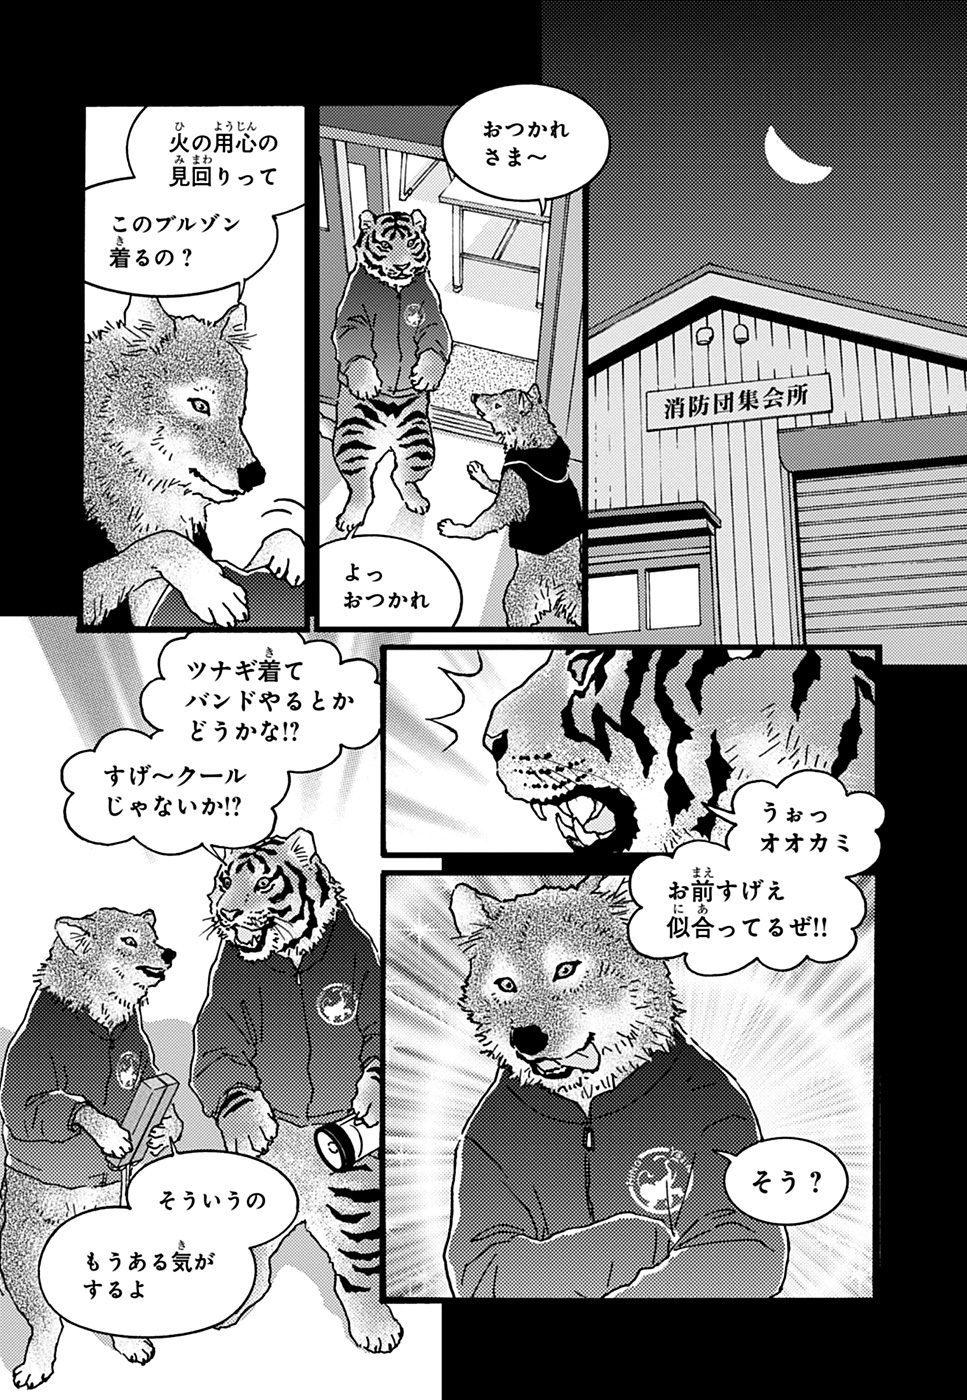 しろくまカフェ today's special 漫画試し読み23